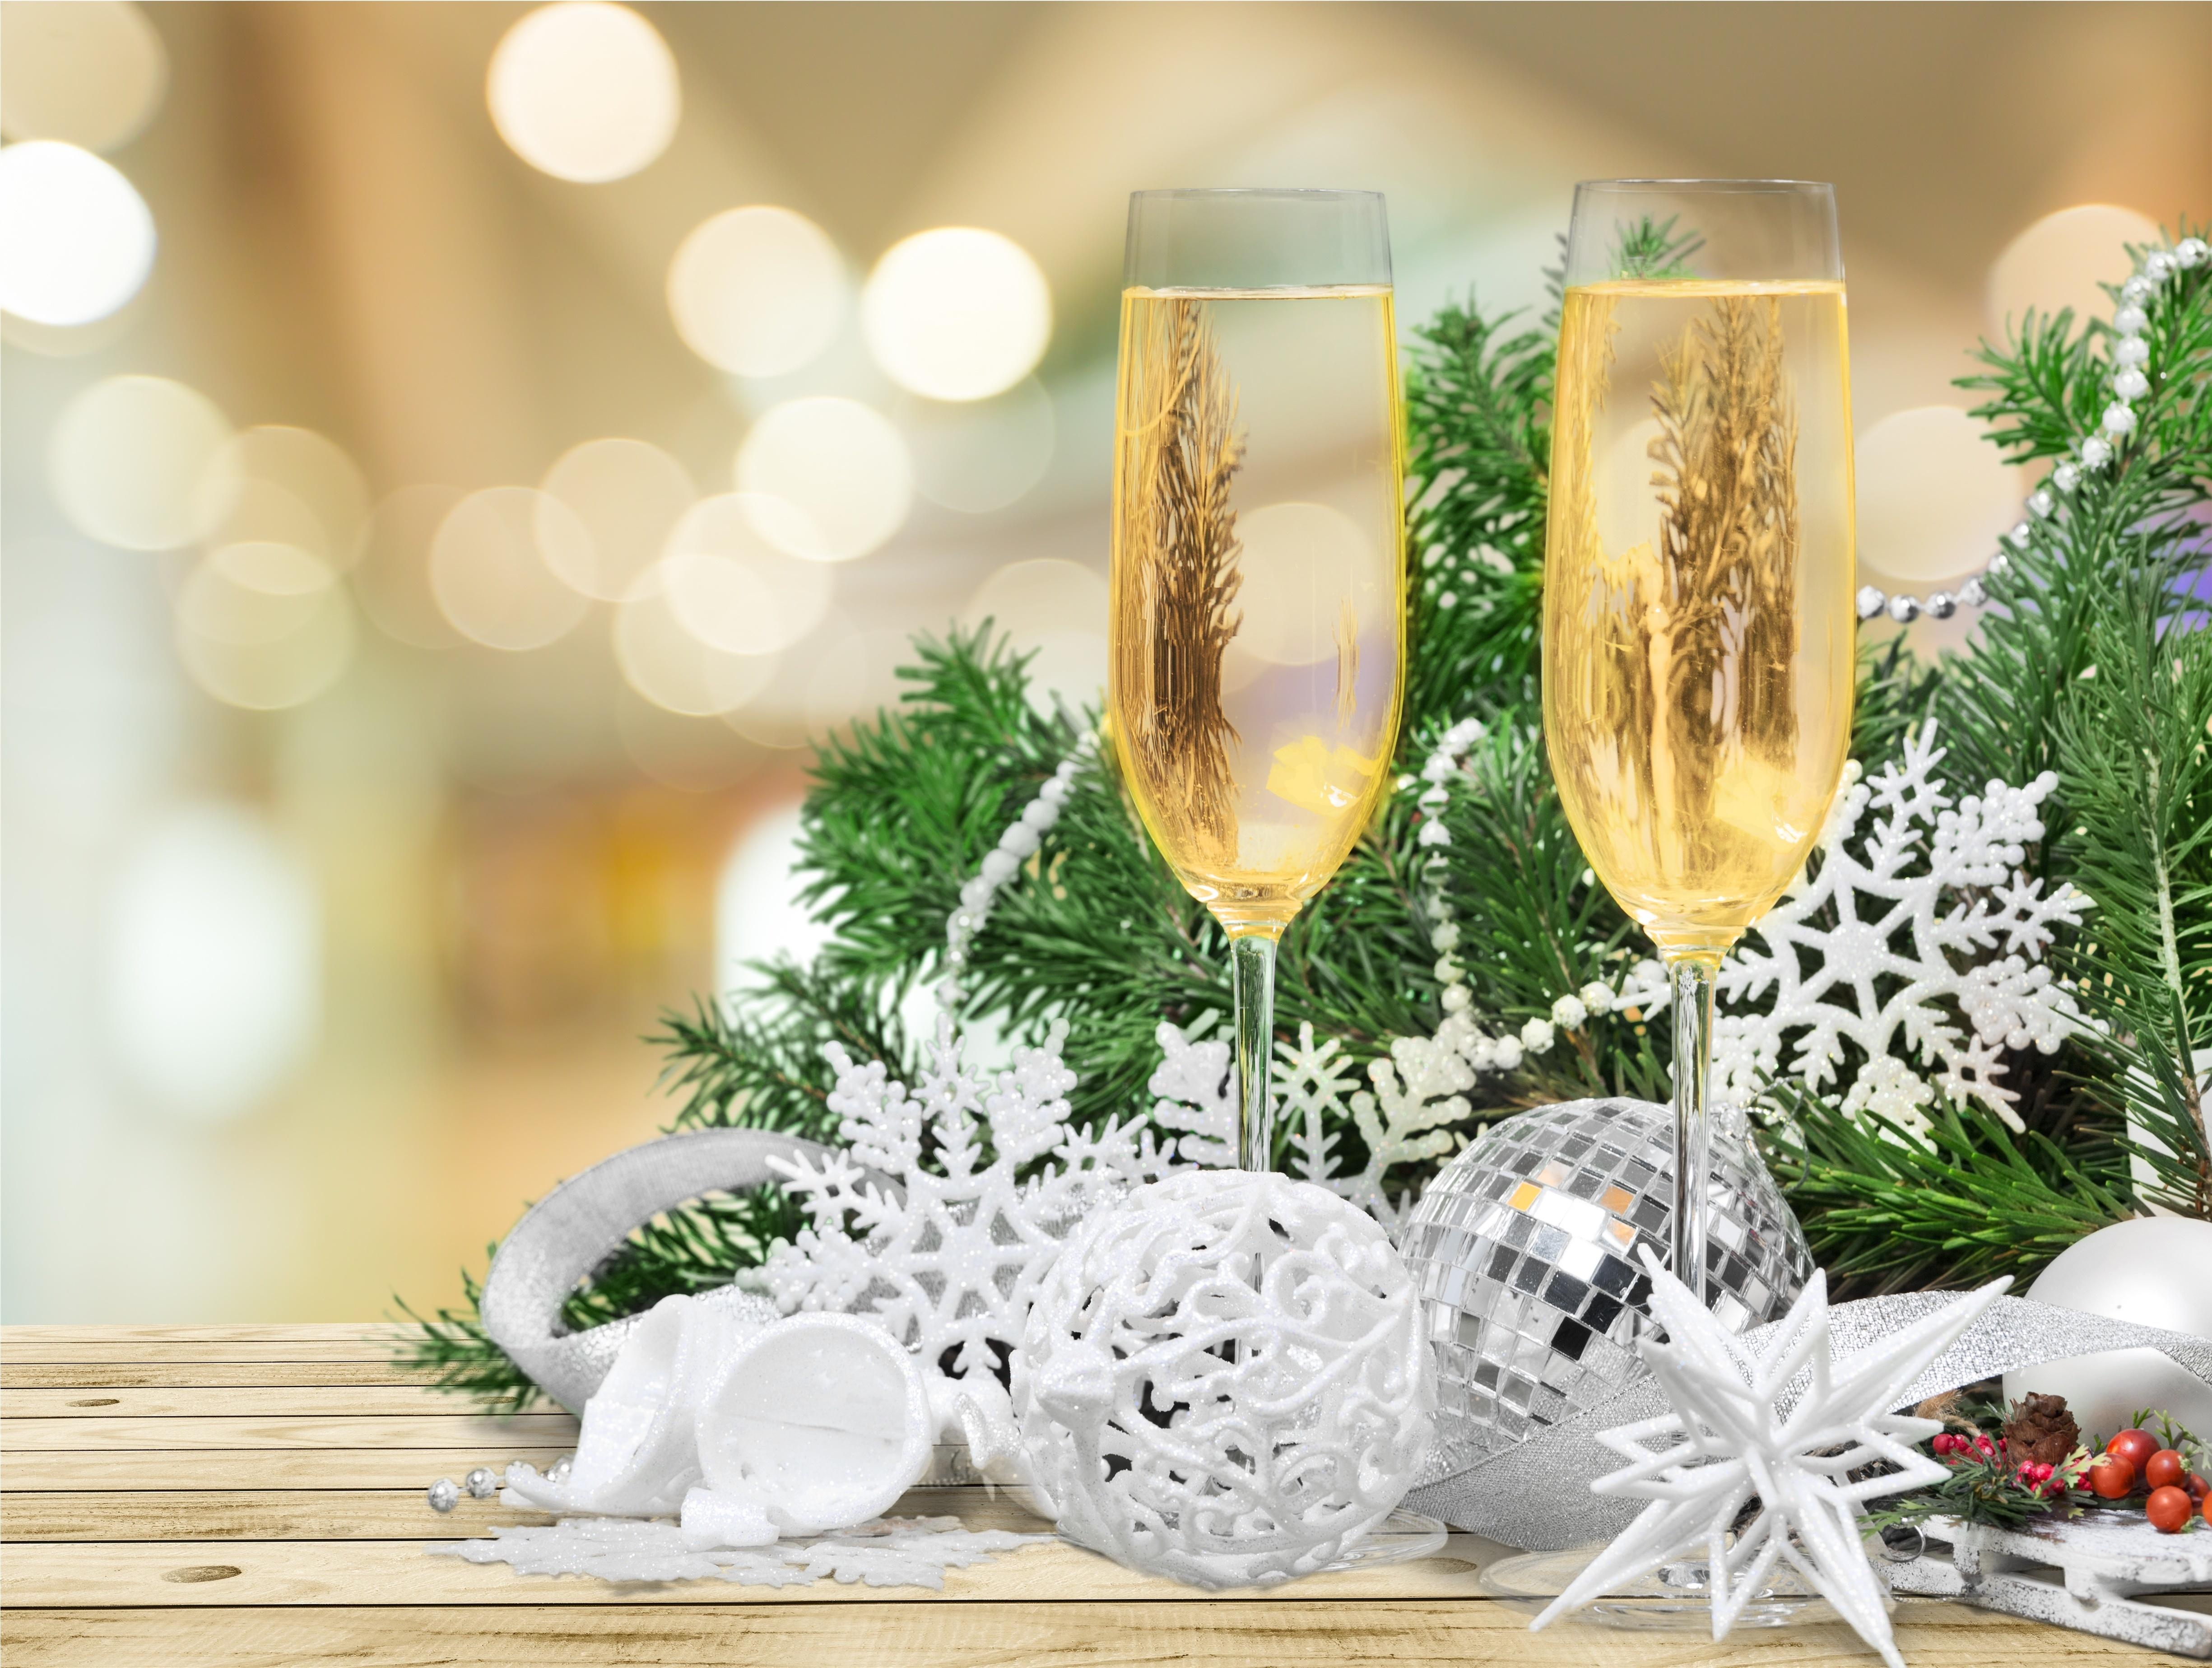 человек картинки новый год шампанское основном отеле туристов